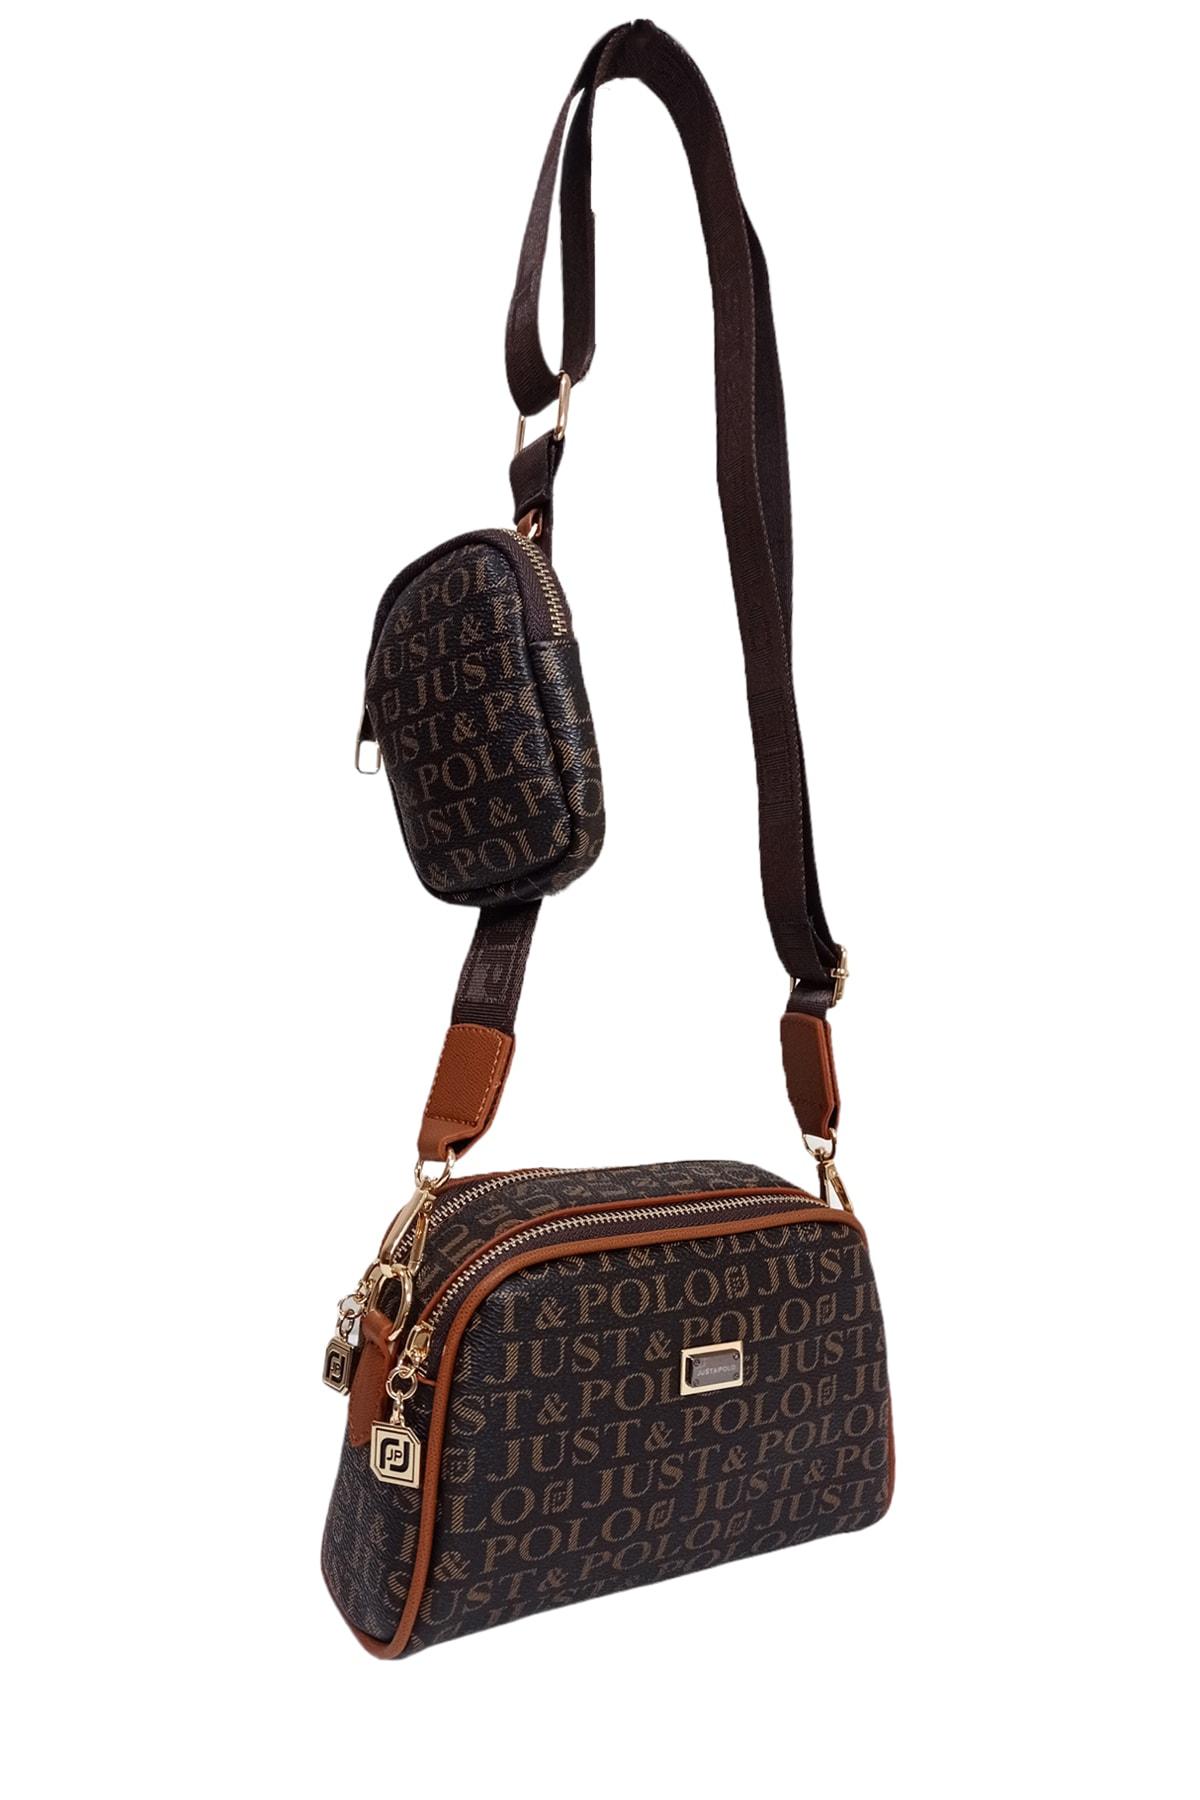 فروش پستی ست کیف رودوشی زنانه برند Just Polo رنگ قهوه ای کد ty118039031